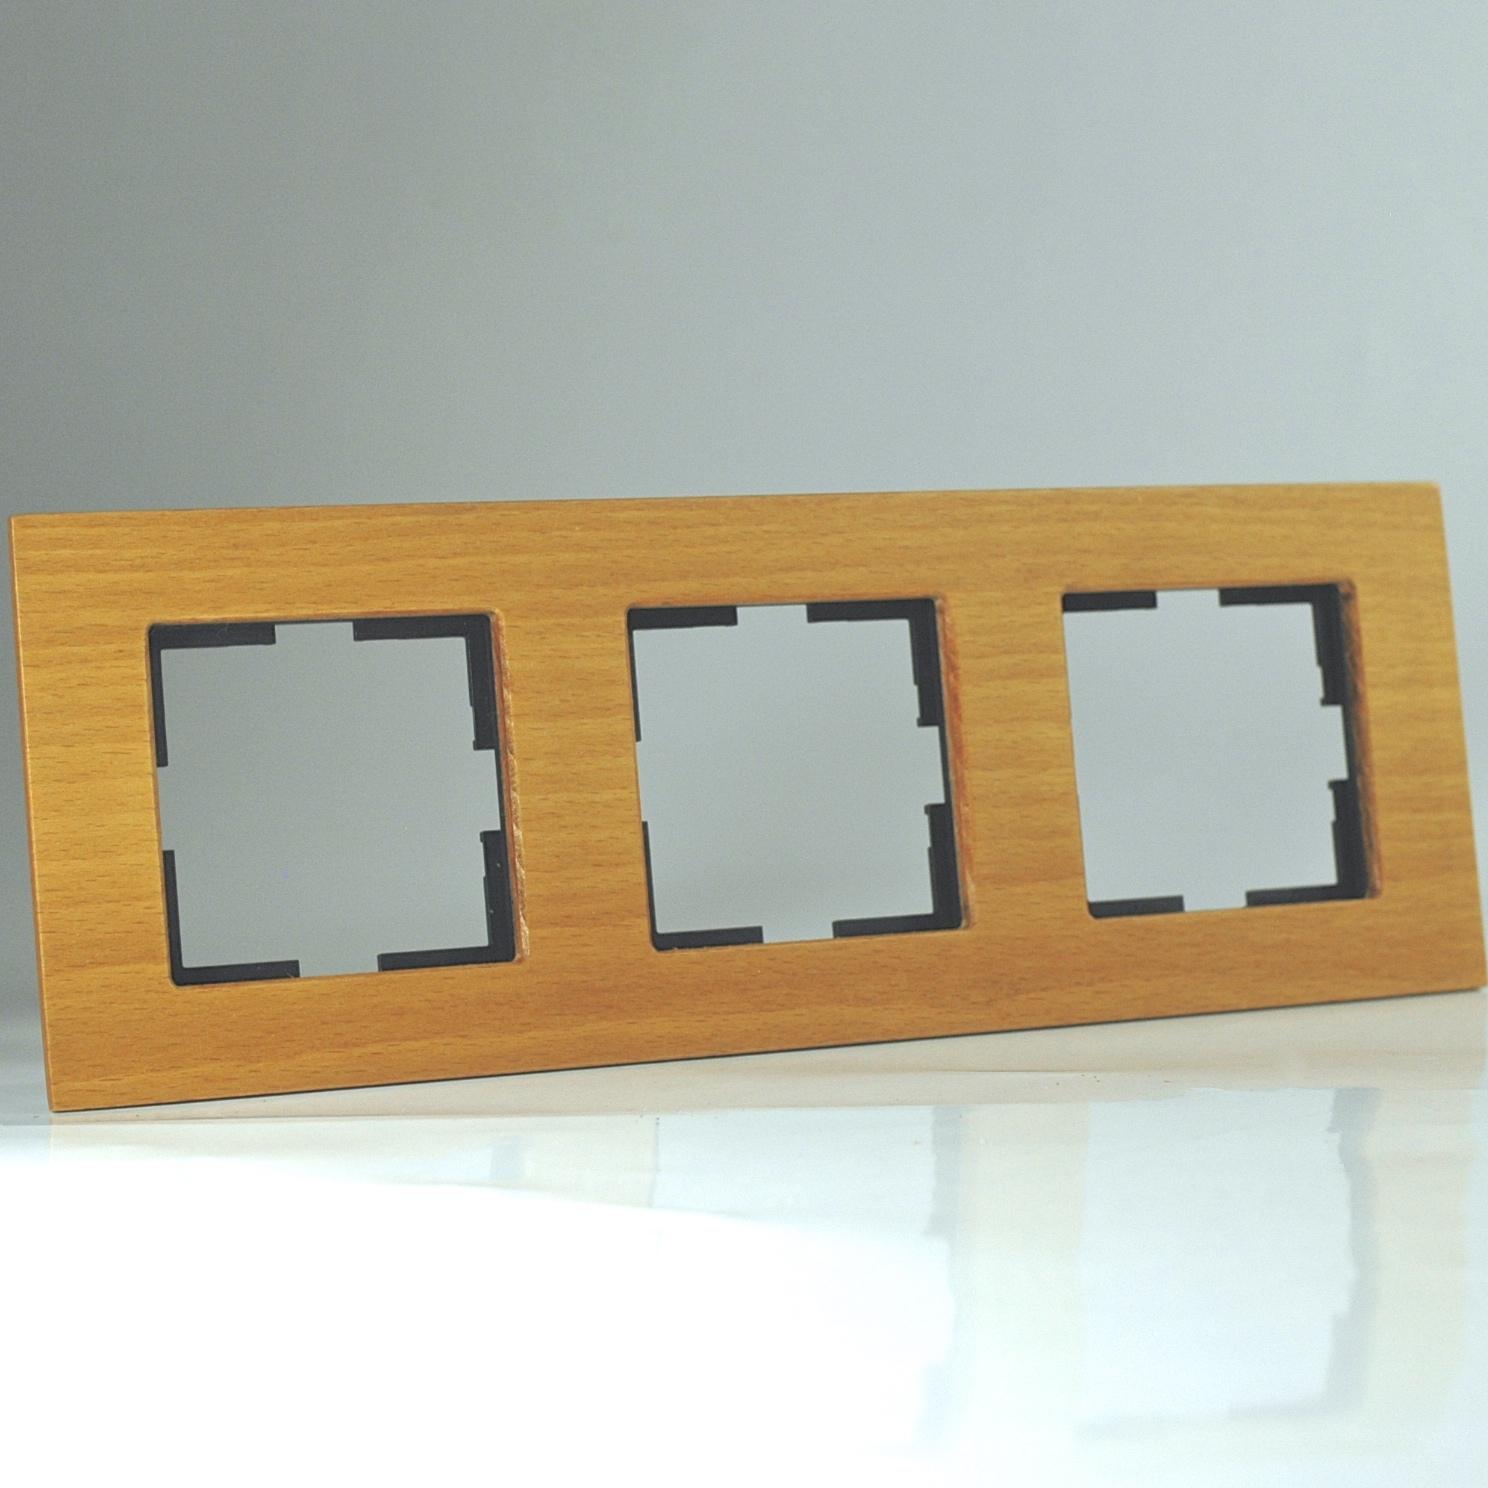 plaque de finition bois massif noix 3 postes 84x230x10mm distock mat riel lectrique et. Black Bedroom Furniture Sets. Home Design Ideas